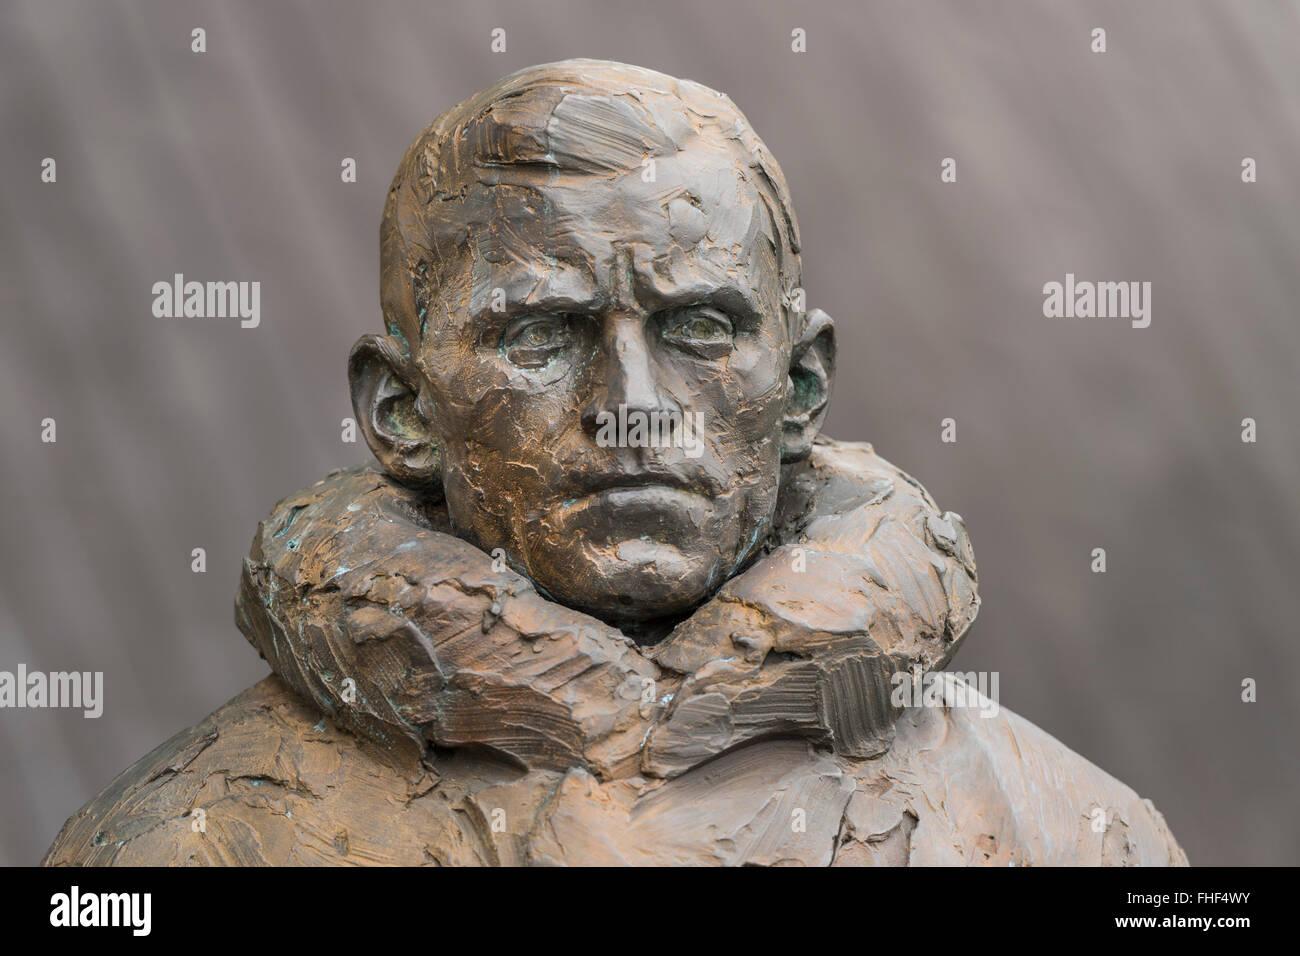 Skulptur der Polarforscher Helmer Hanssen, Mitglied der norwegischen Südpol Antarktis-Expedition, in der Nähe Stockbild